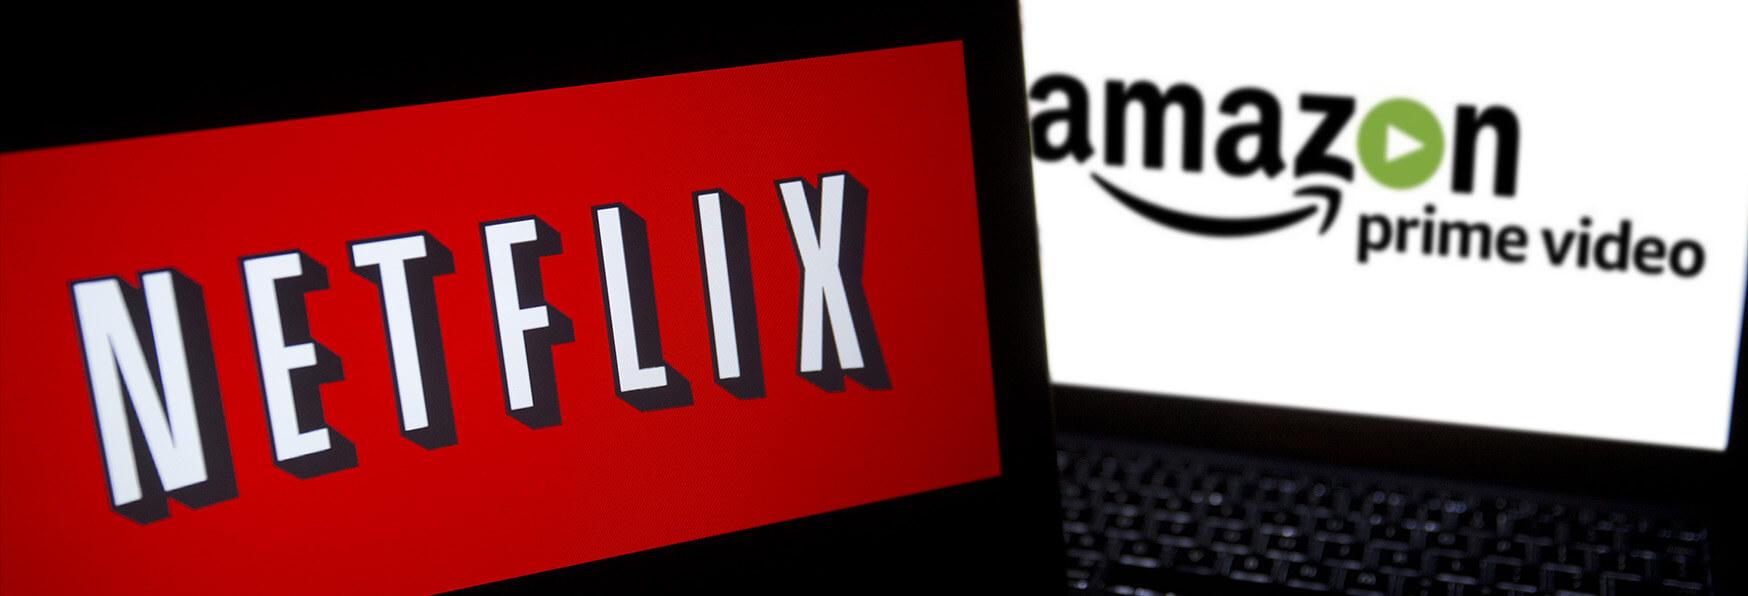 Netflix e Amazon vogliono raddoppiare i loro Contenuti Originali